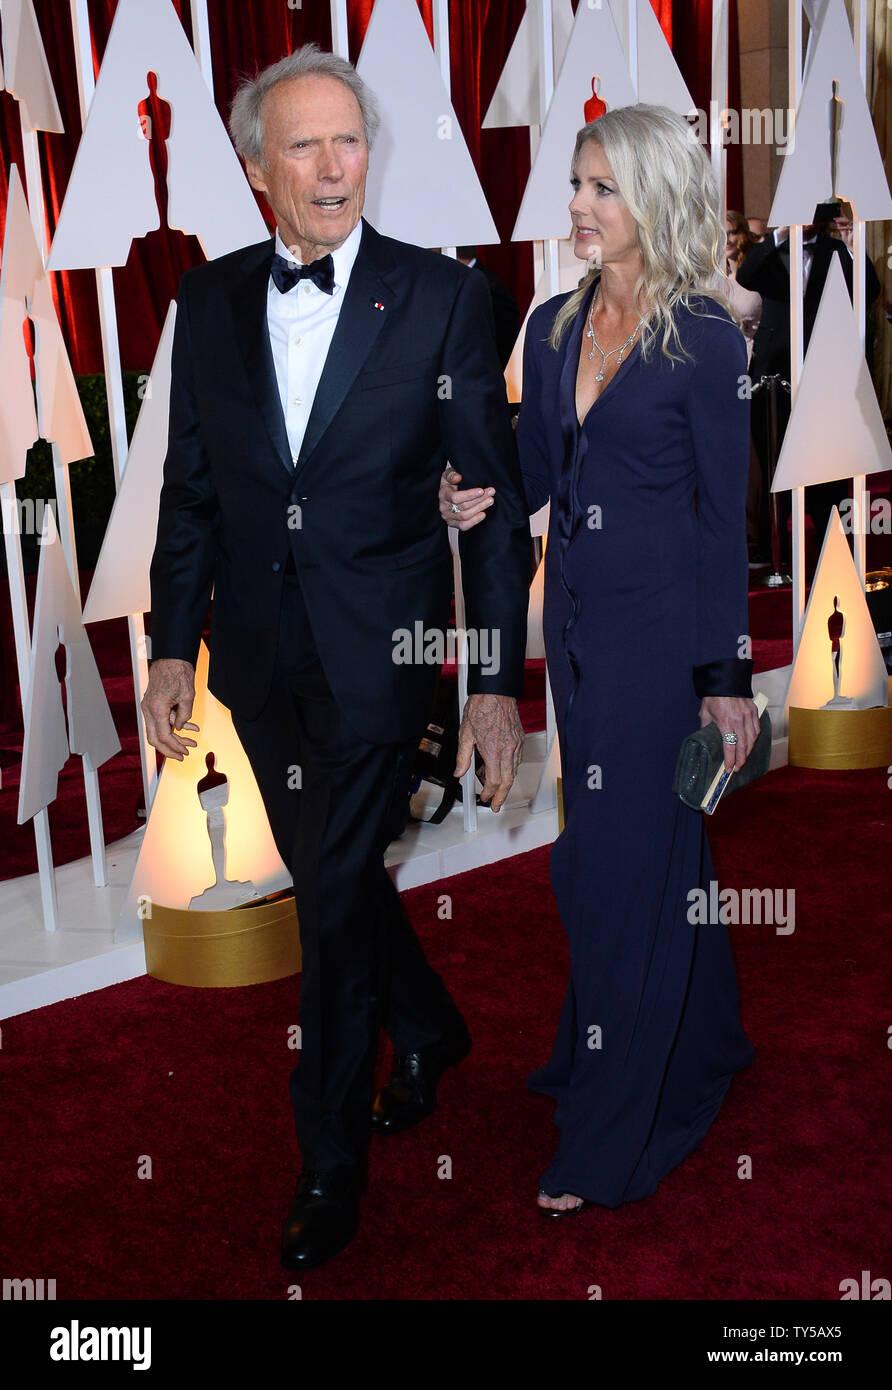 Clint Eastwood (L) et Christina Sandera arrivent à la 87e Academy Awards au Hollywood & Highland Center de Los Angeles le 22 février 2015. Photo par Jim Ruymen/UPI Banque D'Images